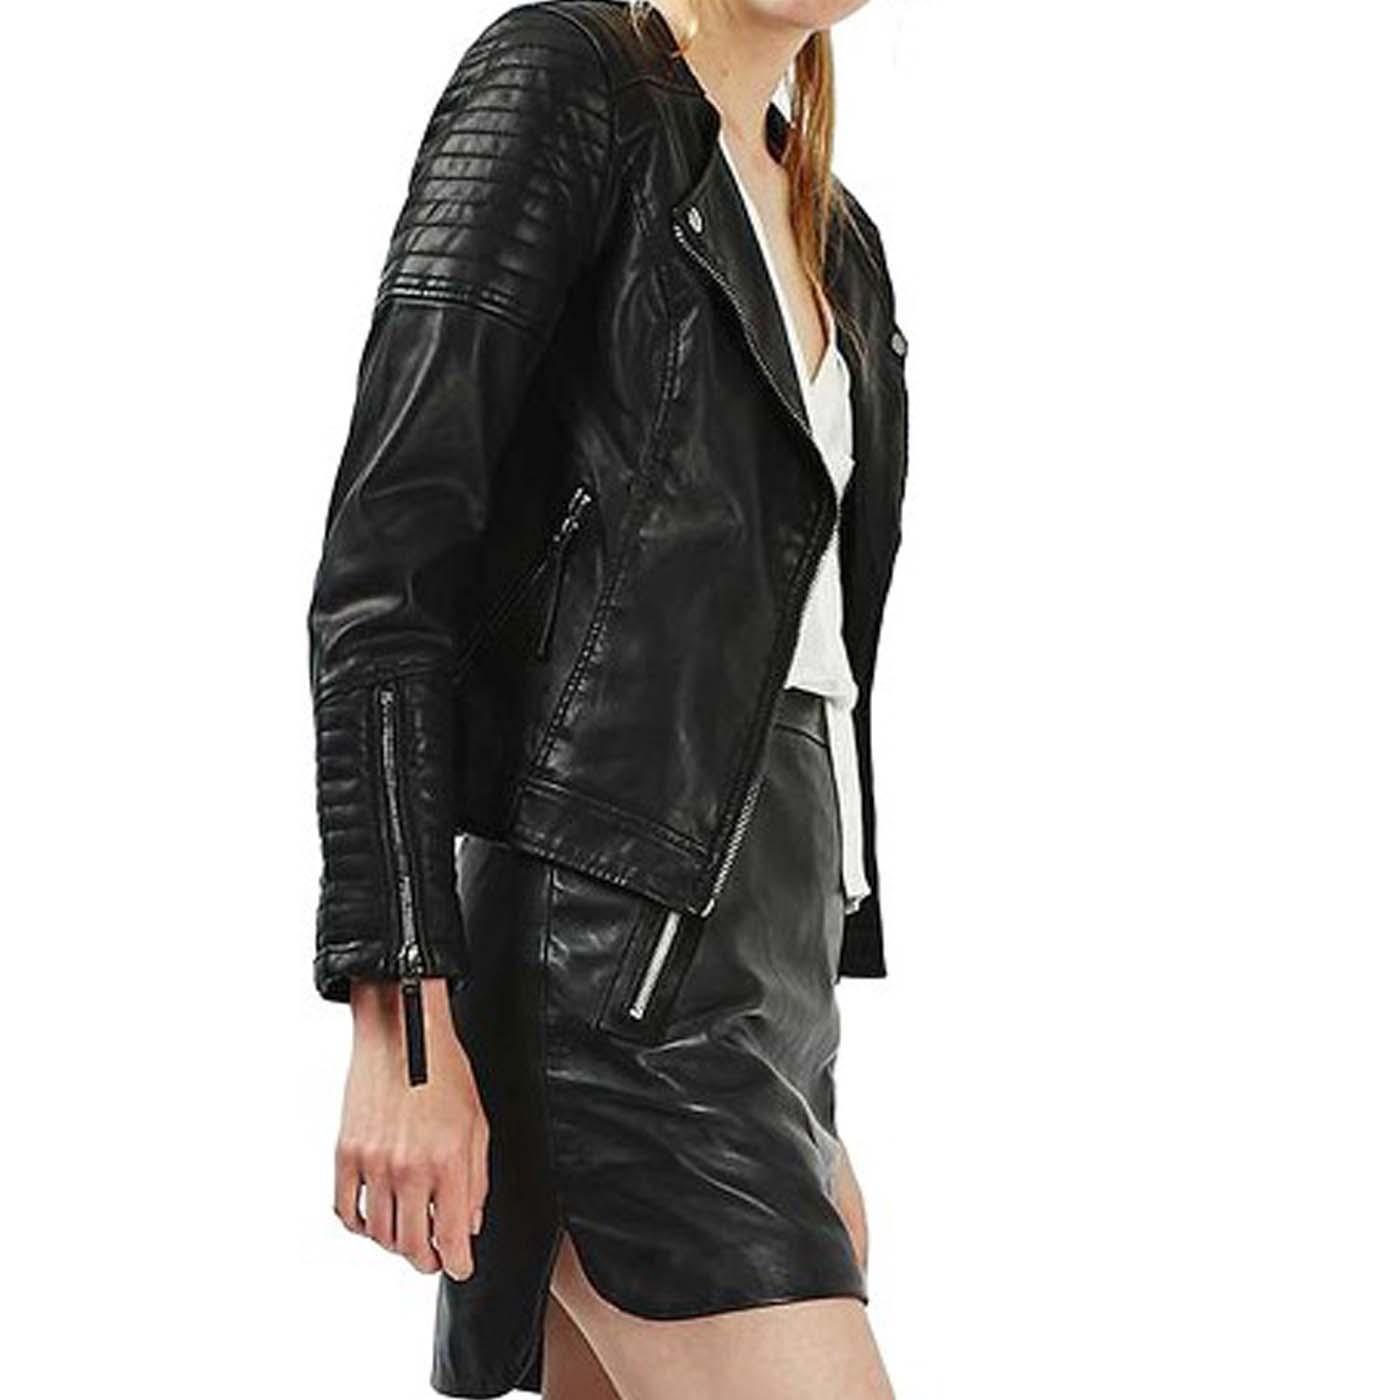 Leather-Biker-Jacket-For-women-1..